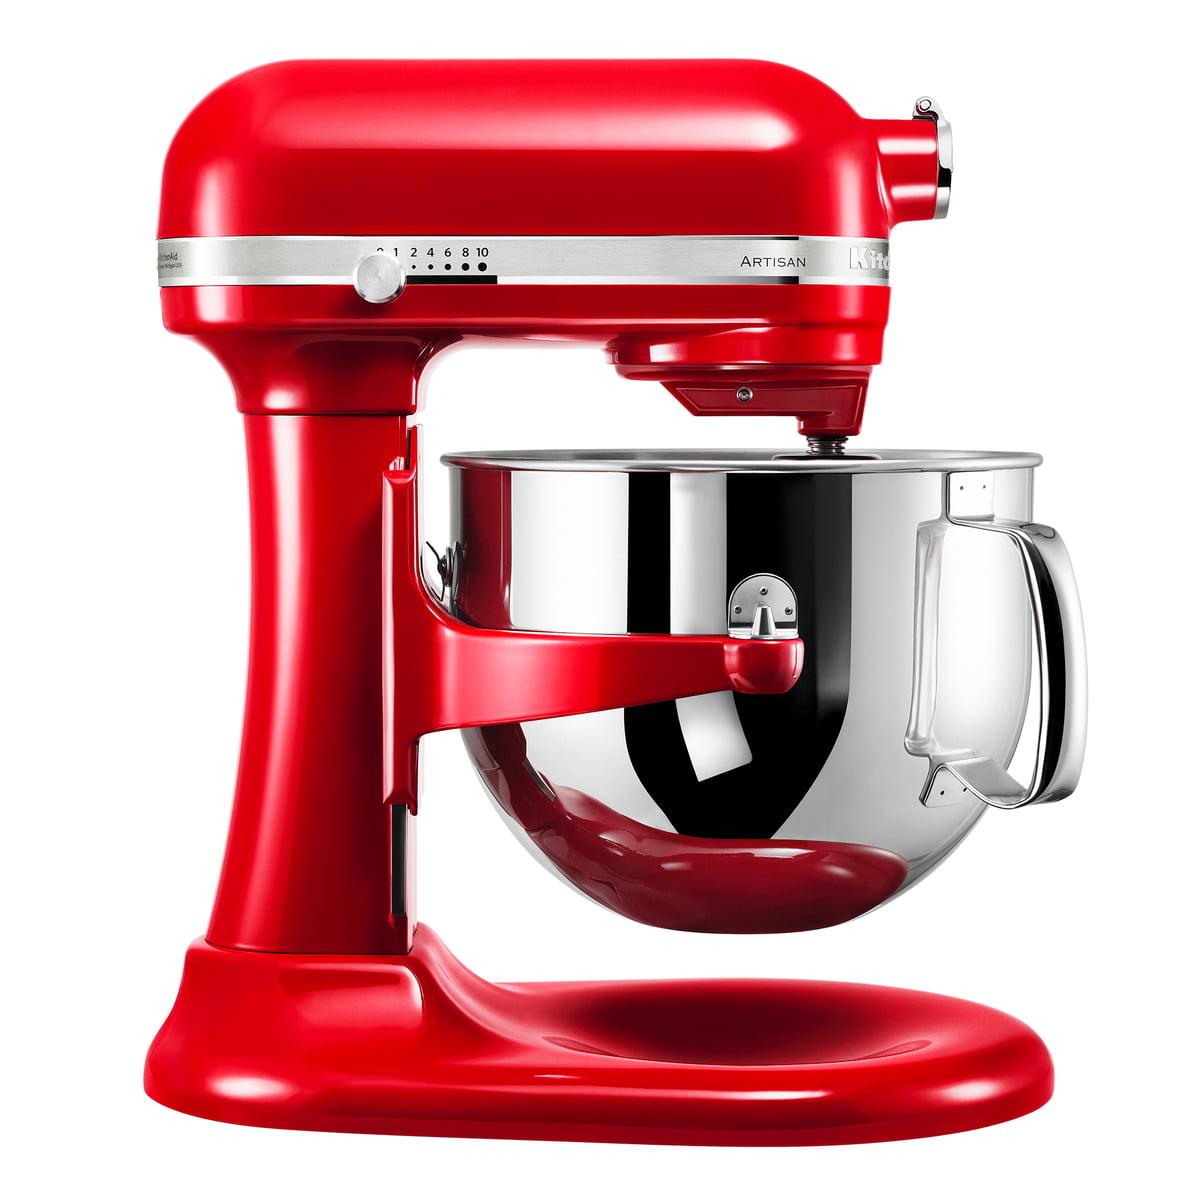 Artisan Küchenmaschine 6,9 l von KitchenAid